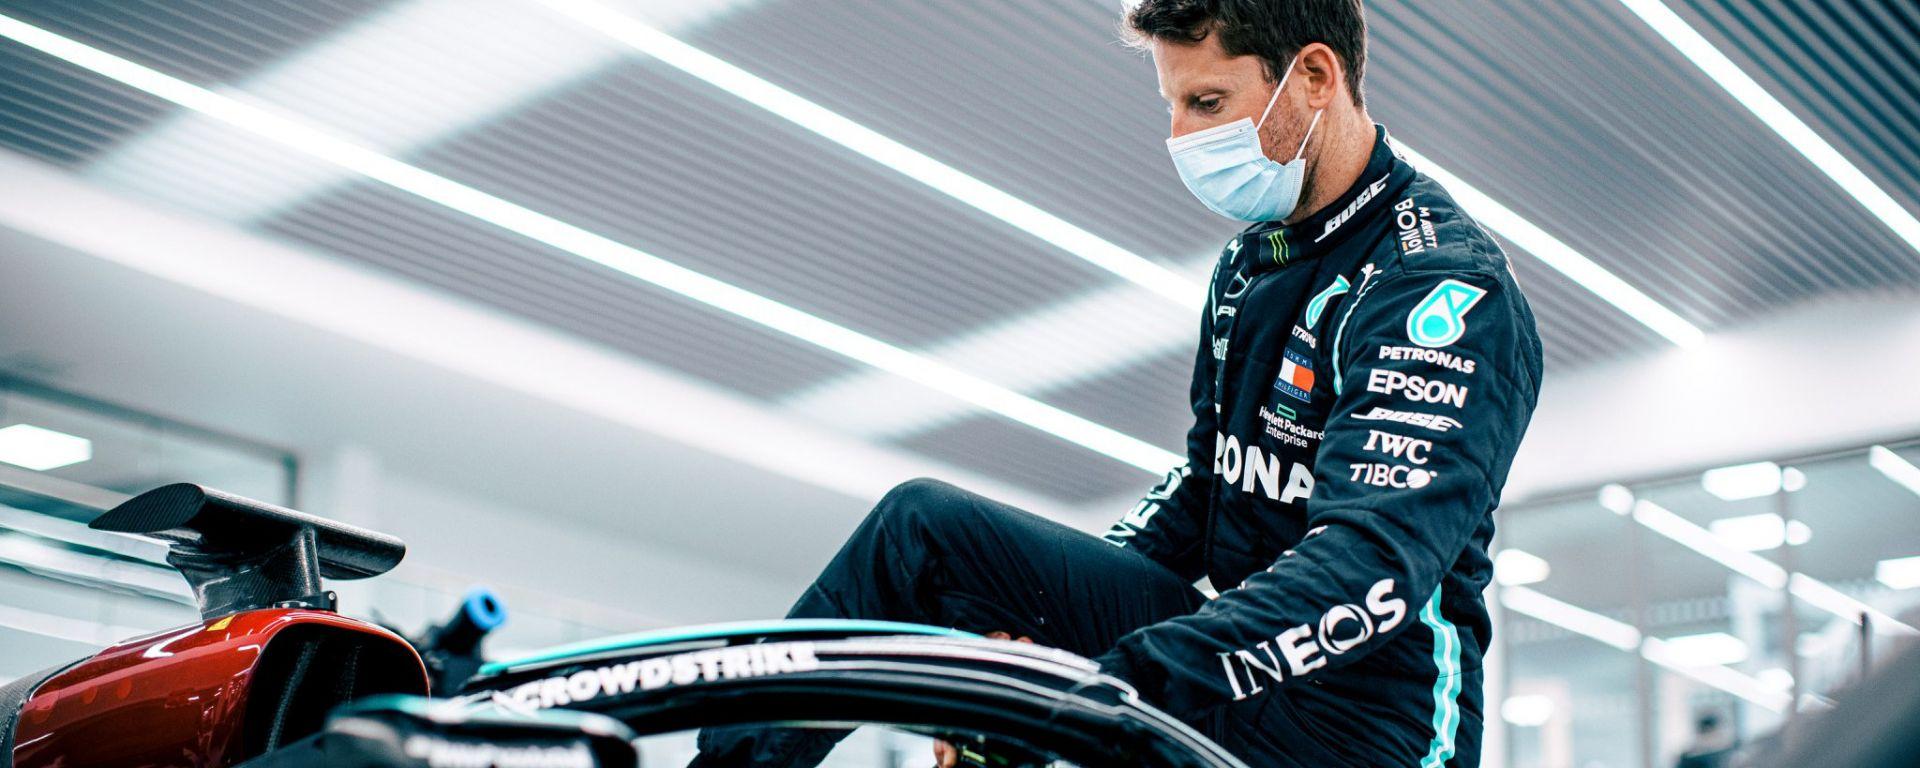 F1: Romain Grosjean effettua la prova sedile alla sede della Mercedes